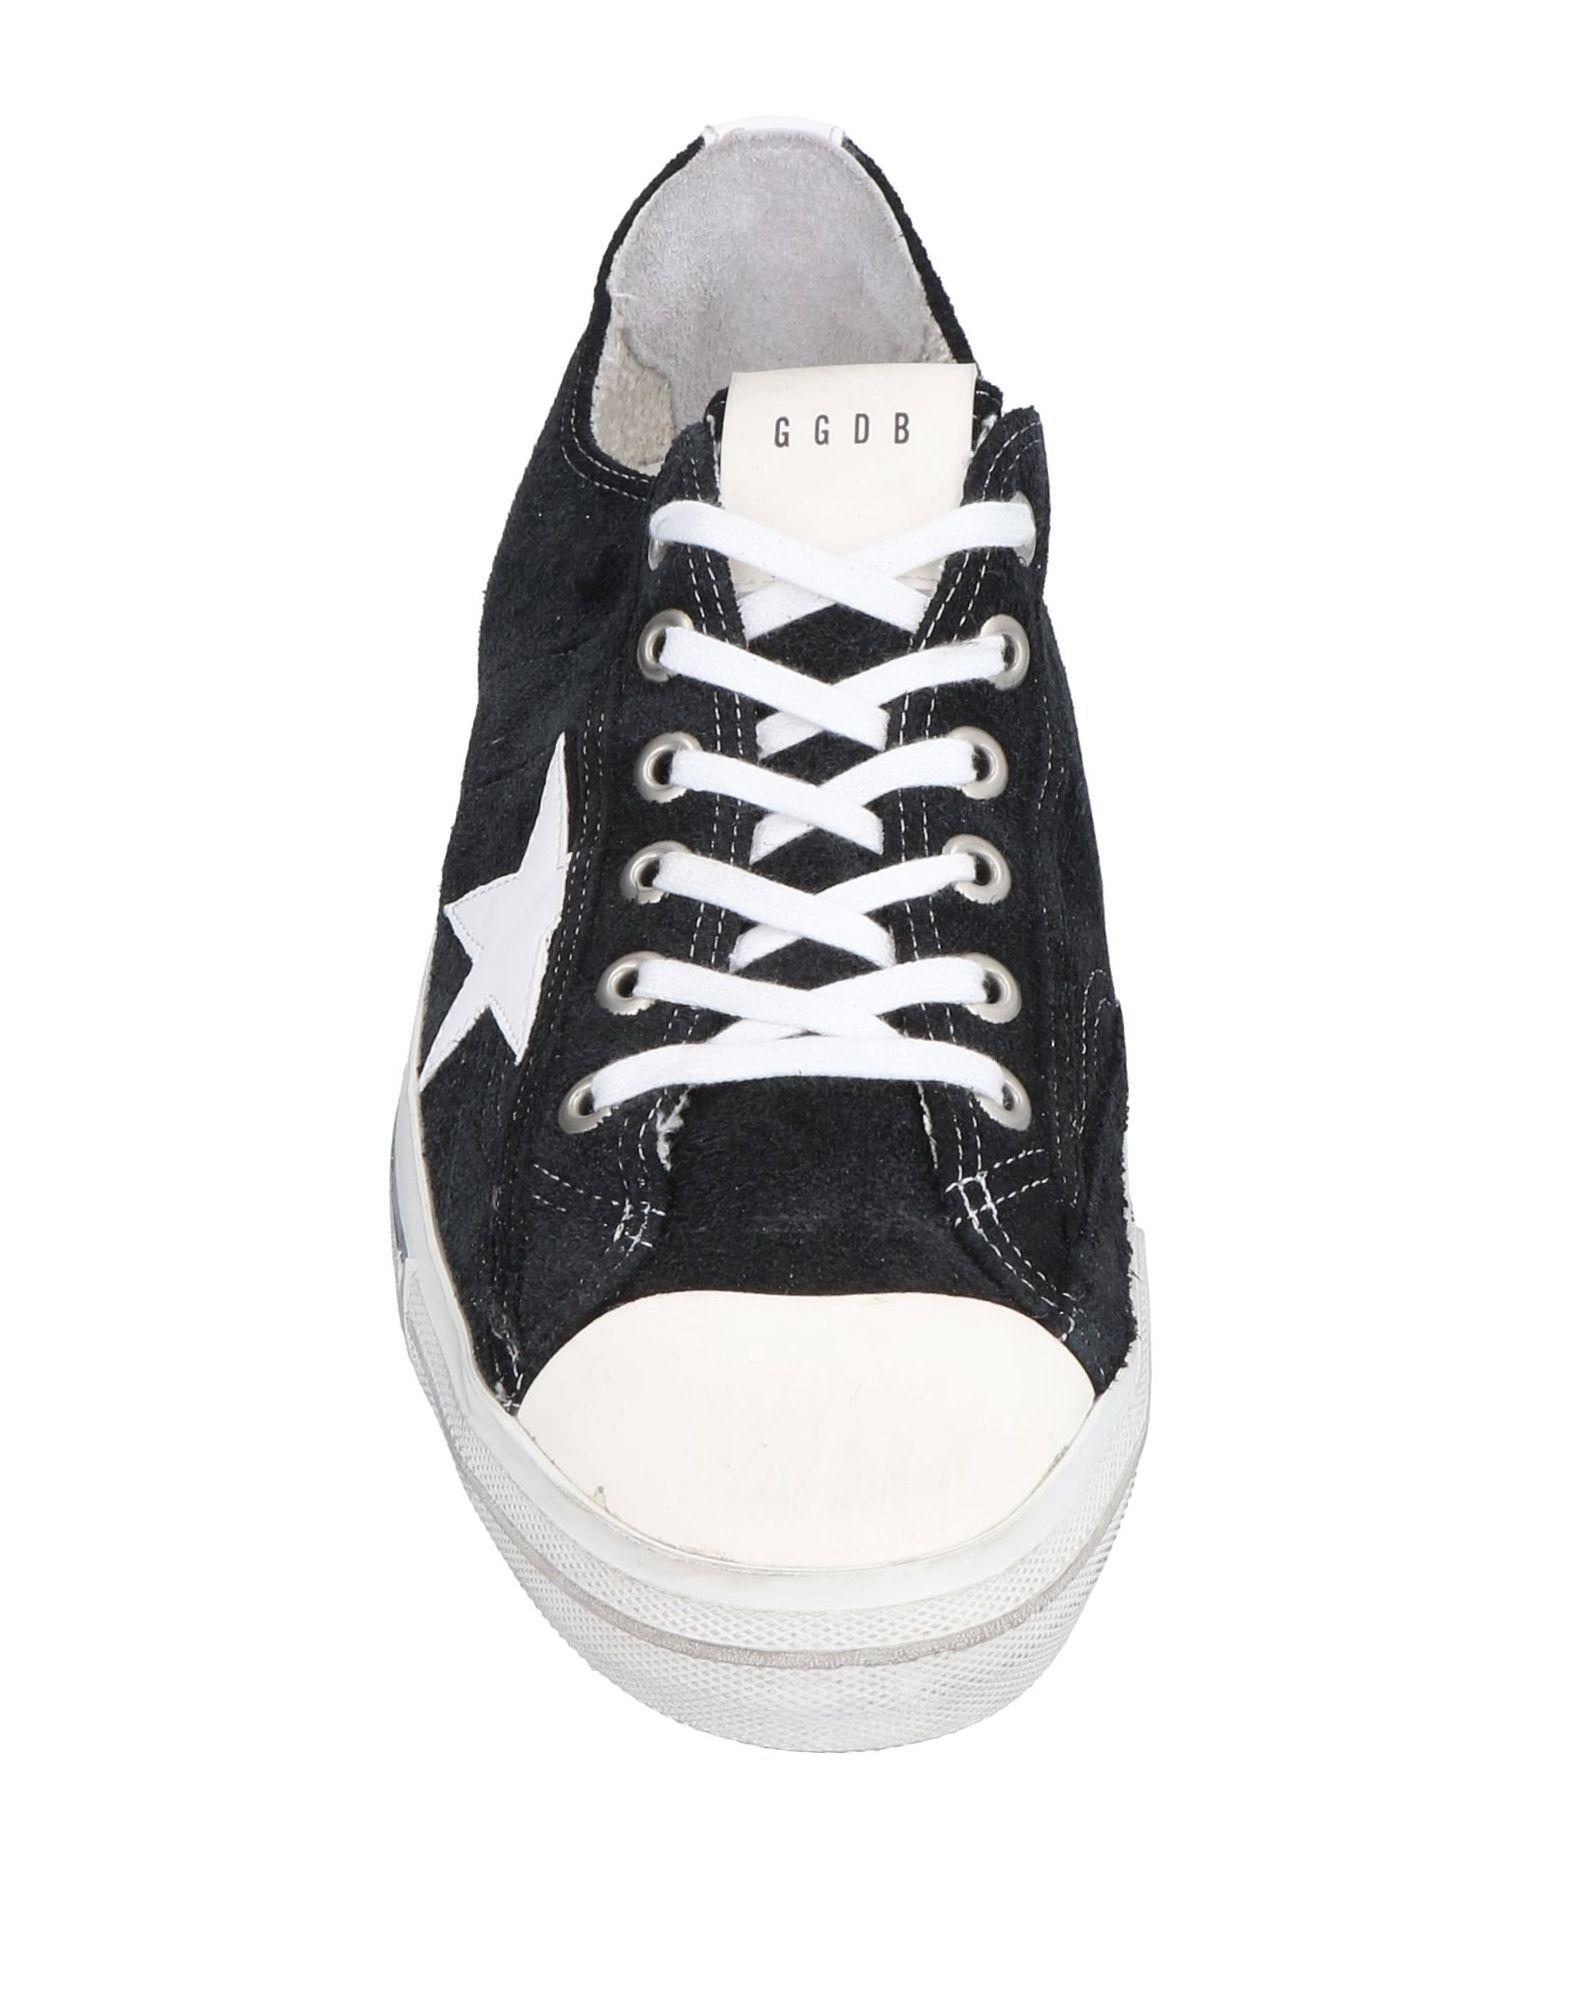 Golden Goose Deluxe Brand Sneakers Herren  11506696WD Gute Qualität beliebte Schuhe